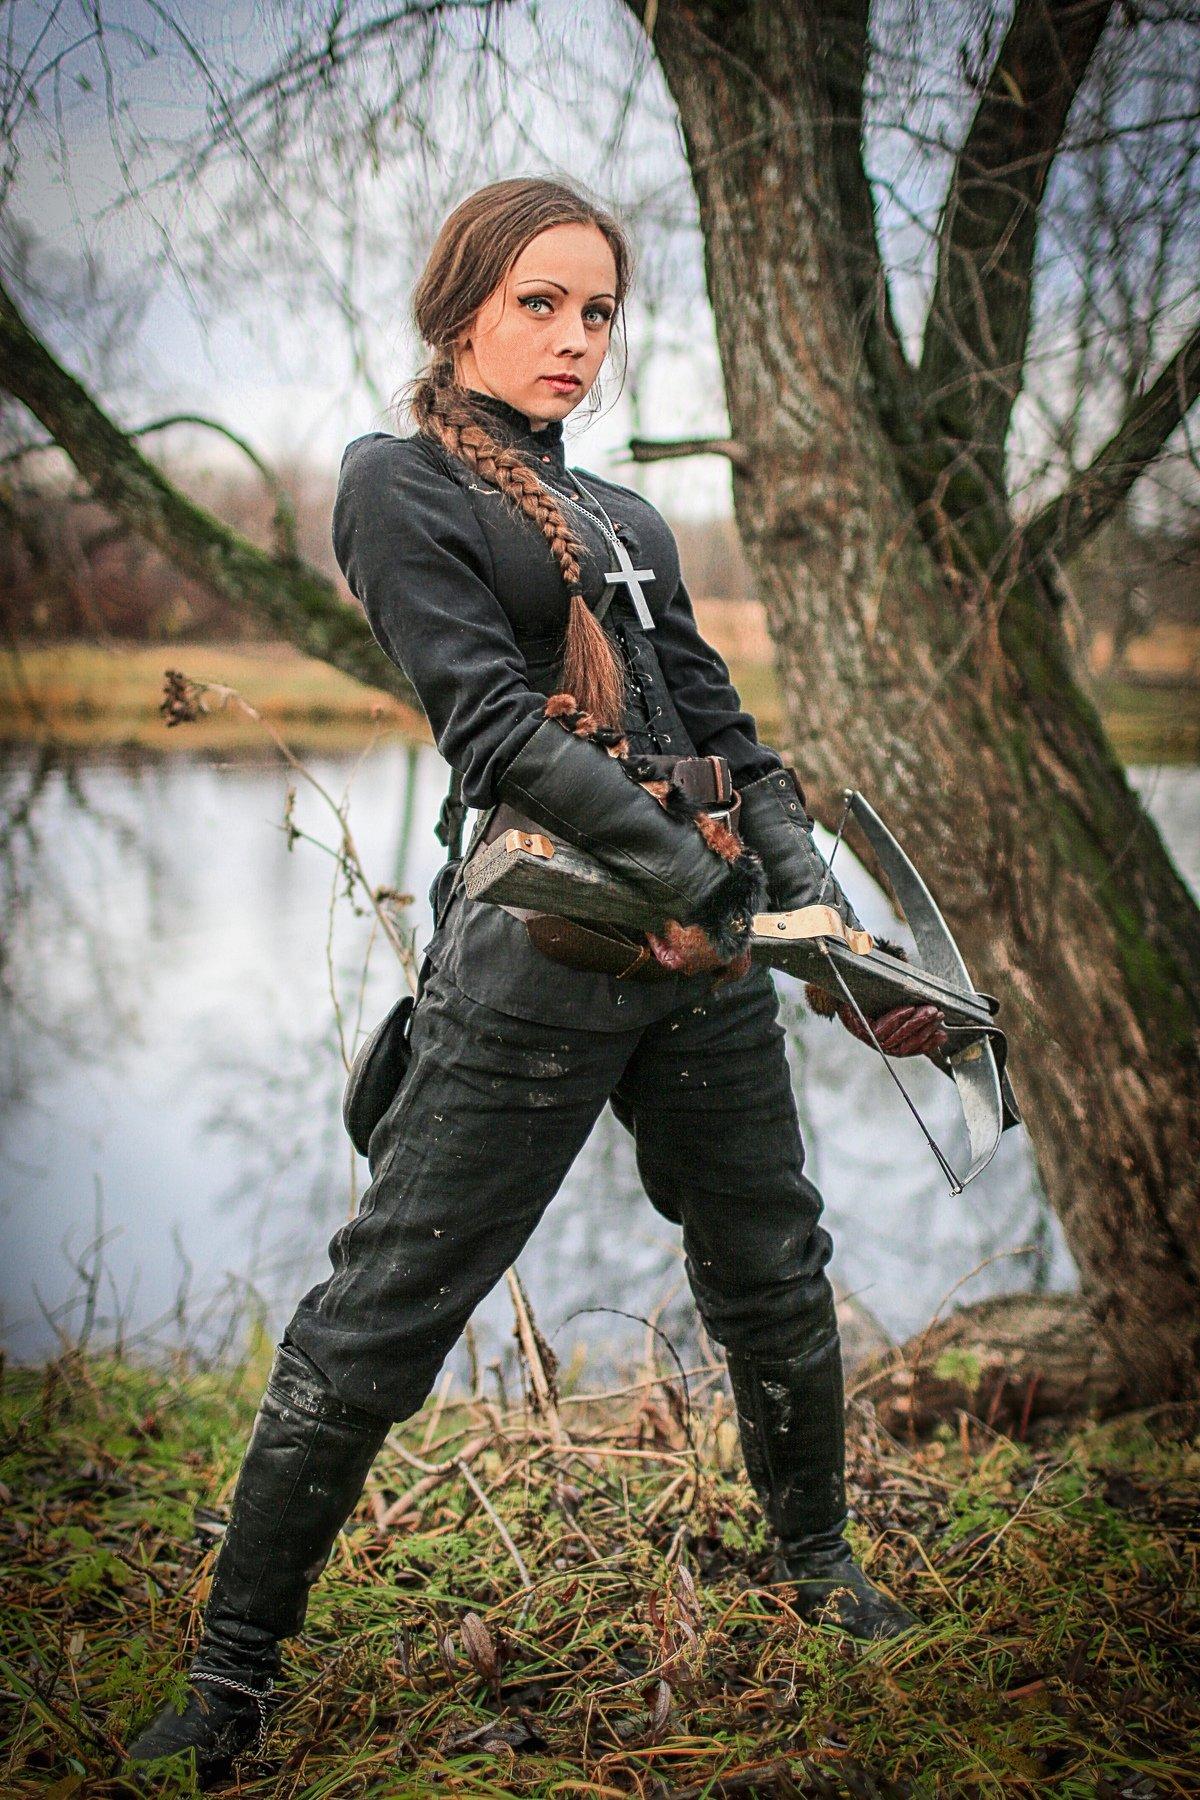 девушка, модель, портрет, охотница, арбалет, Сергей Рехов